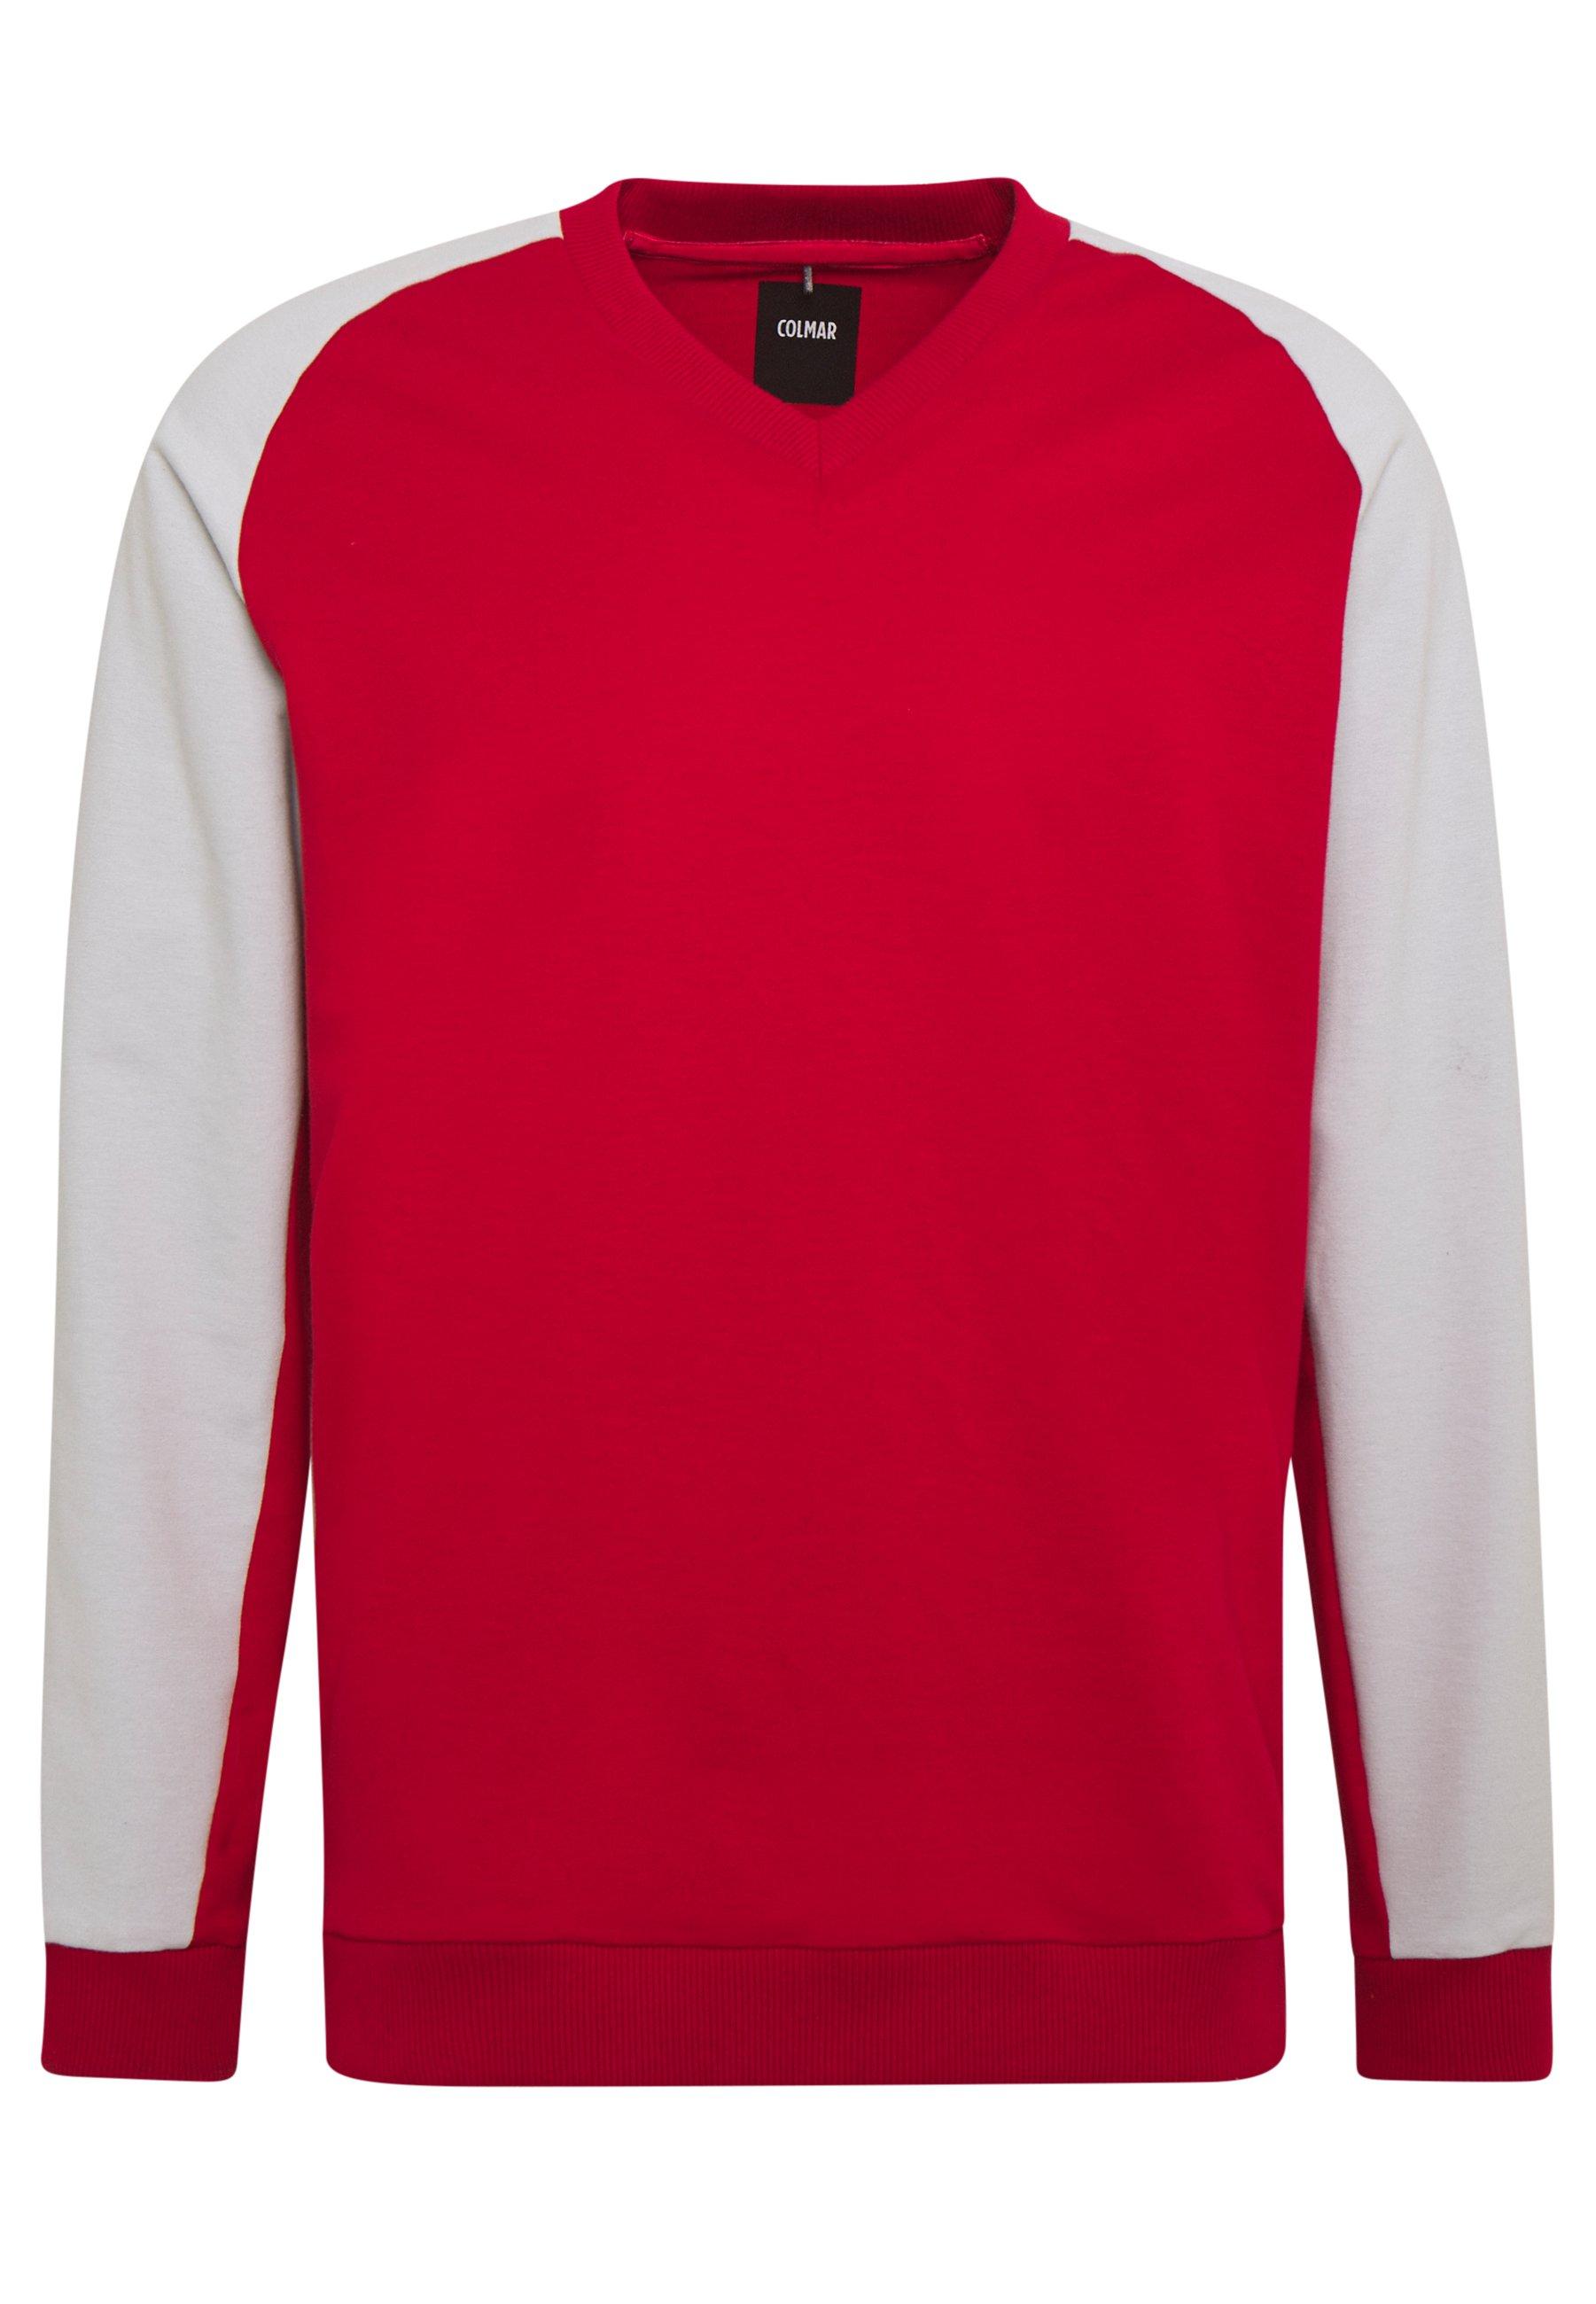 WISDOM Sweater redpearly grey